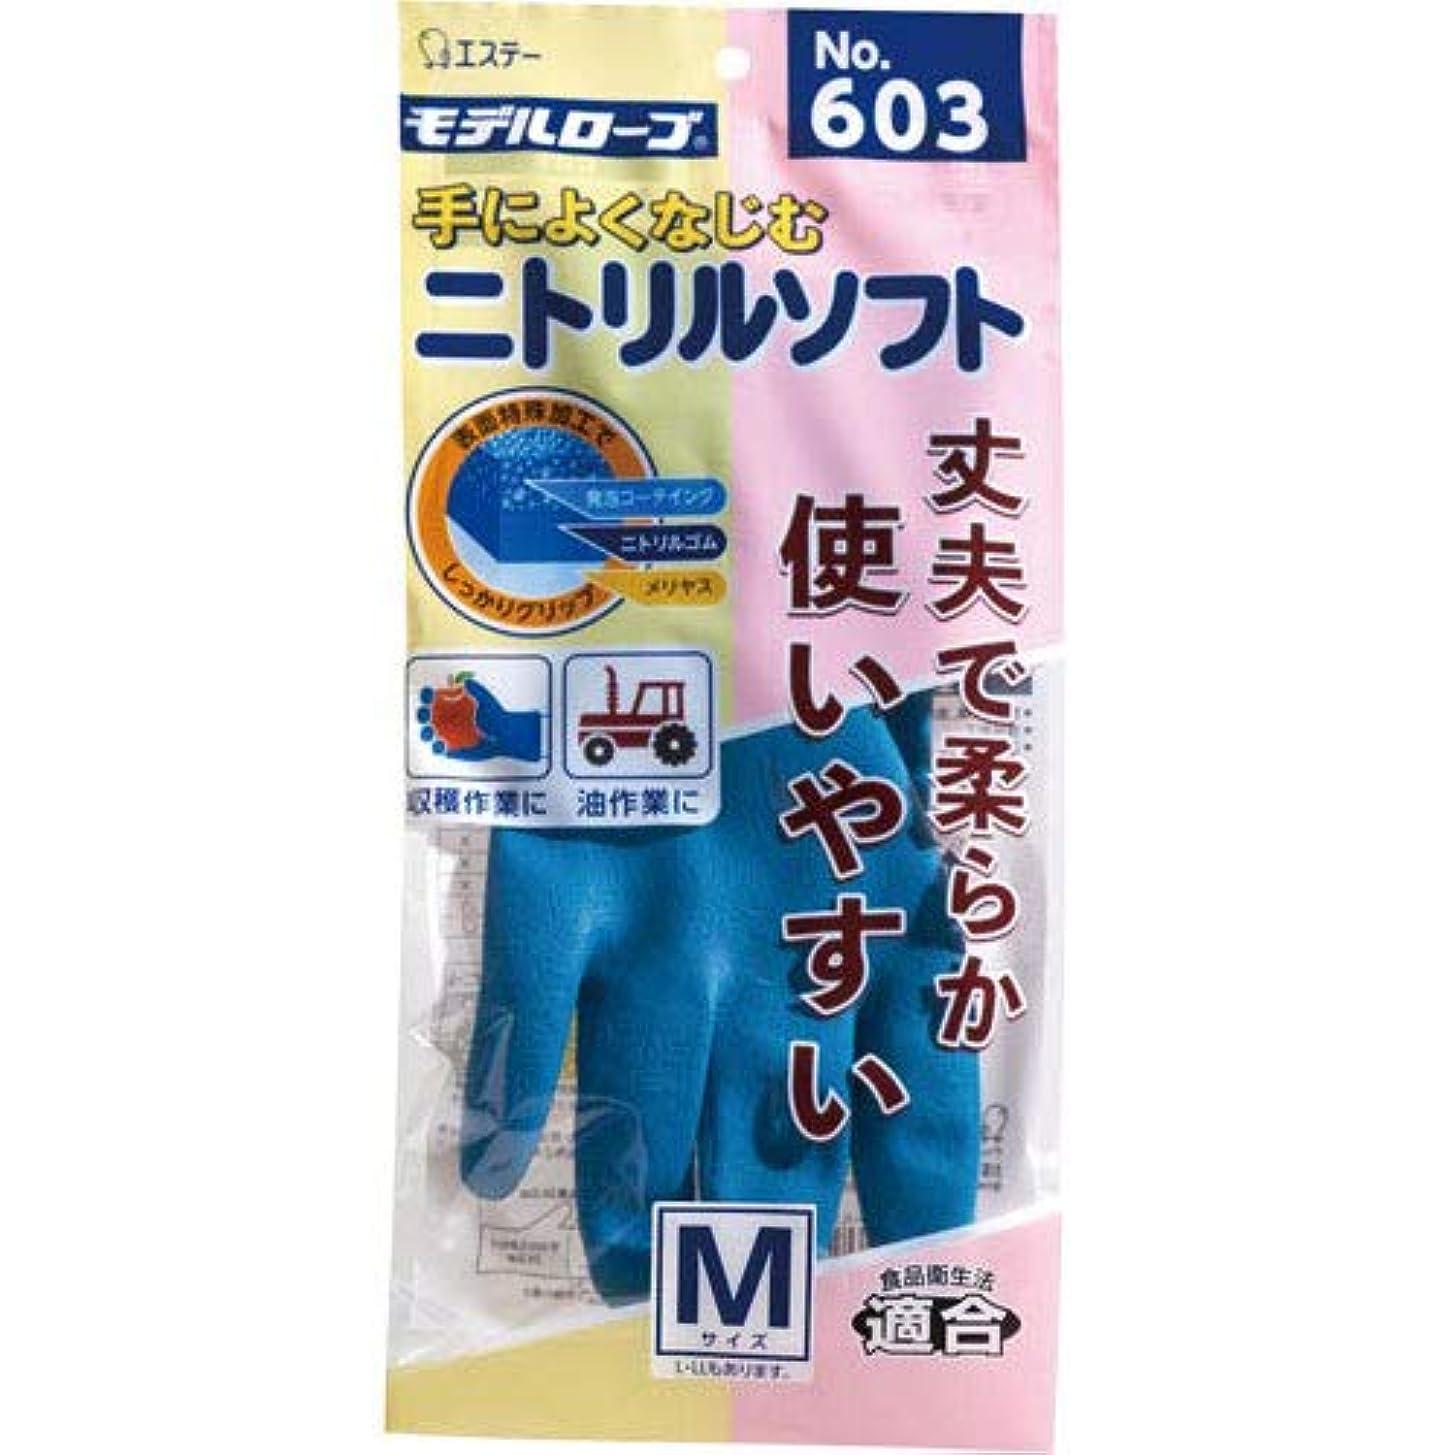 咽頭置換インフルエンザモデルローブ ニトリルソフト No.603 M